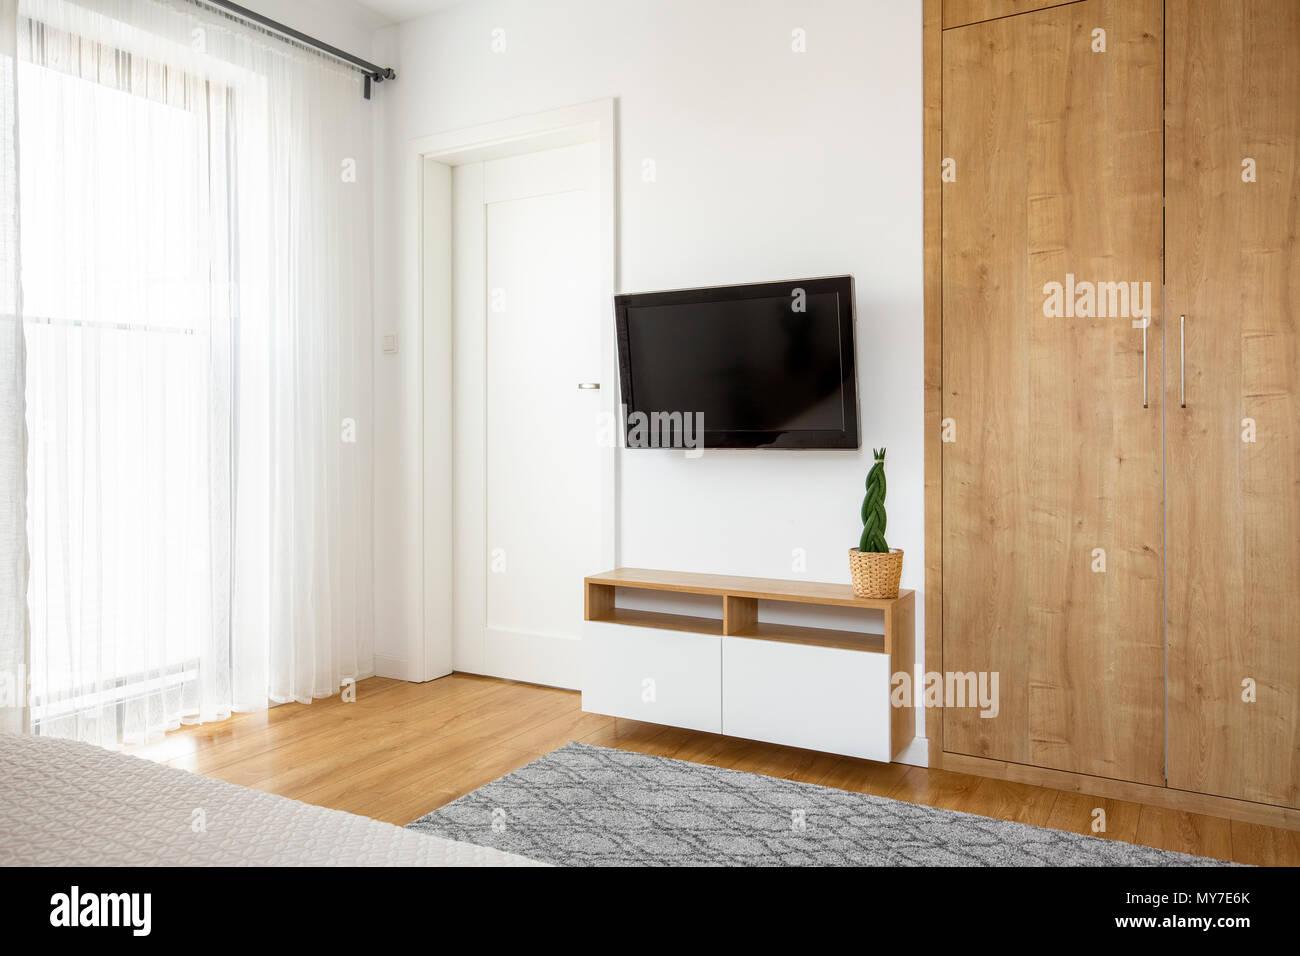 Armario de madera junto a la televisi n en la pared blanca en el hotel interior del dormitorio - Mi armario de la tele ...